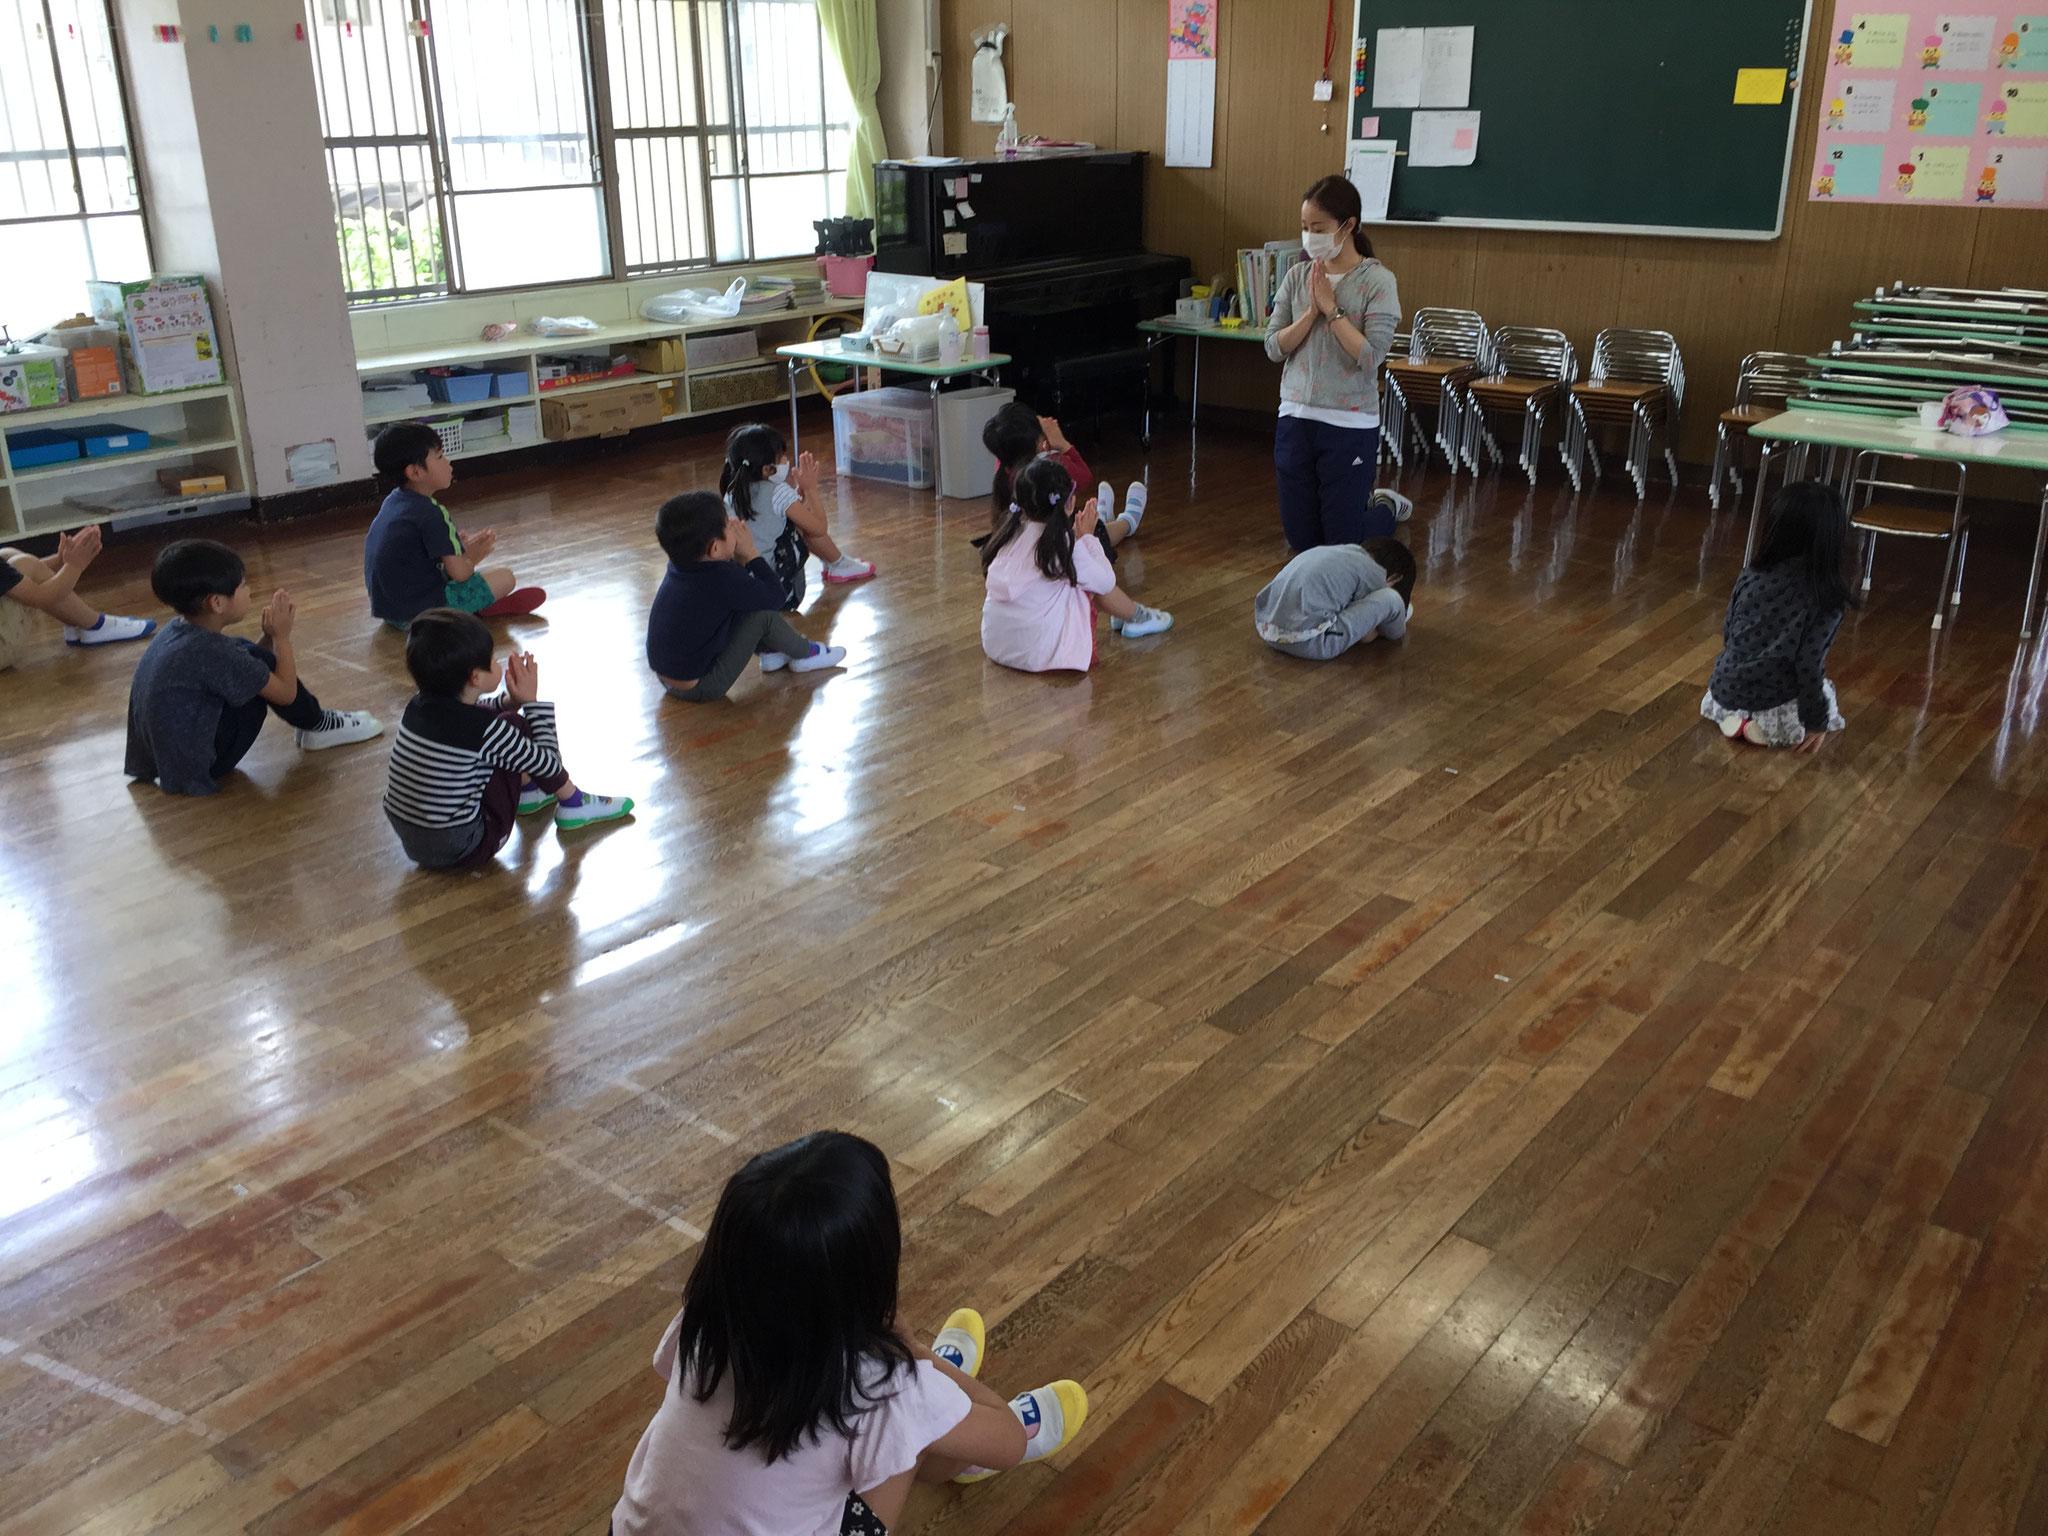 床に座る場所シールを貼って空間を広めに使ってます。